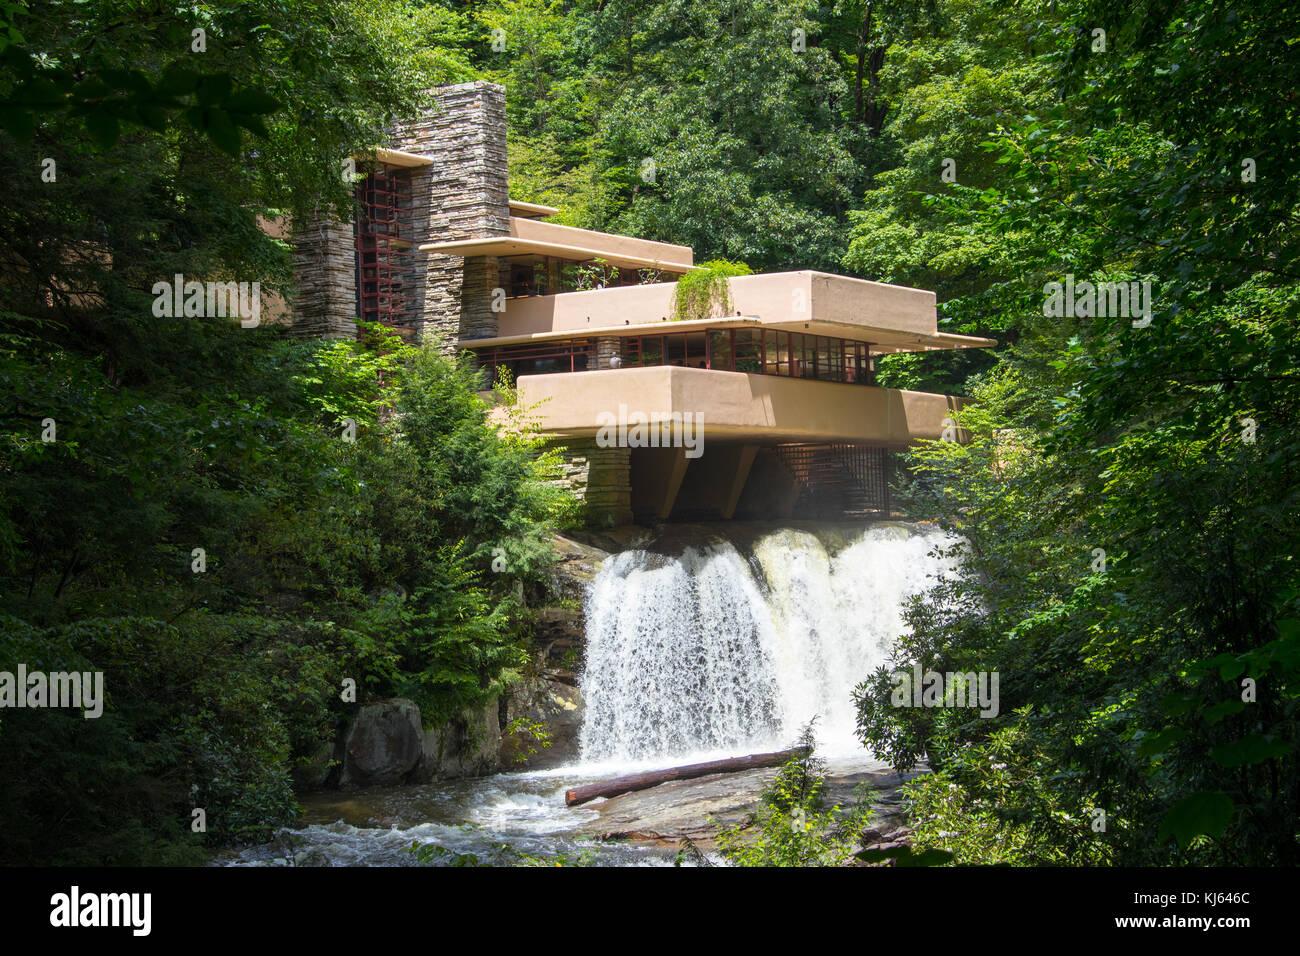 gutes Geschäft klar in Sicht mehrere farben Fallingwater or the Kaufmann Residence, designed by Frank ...